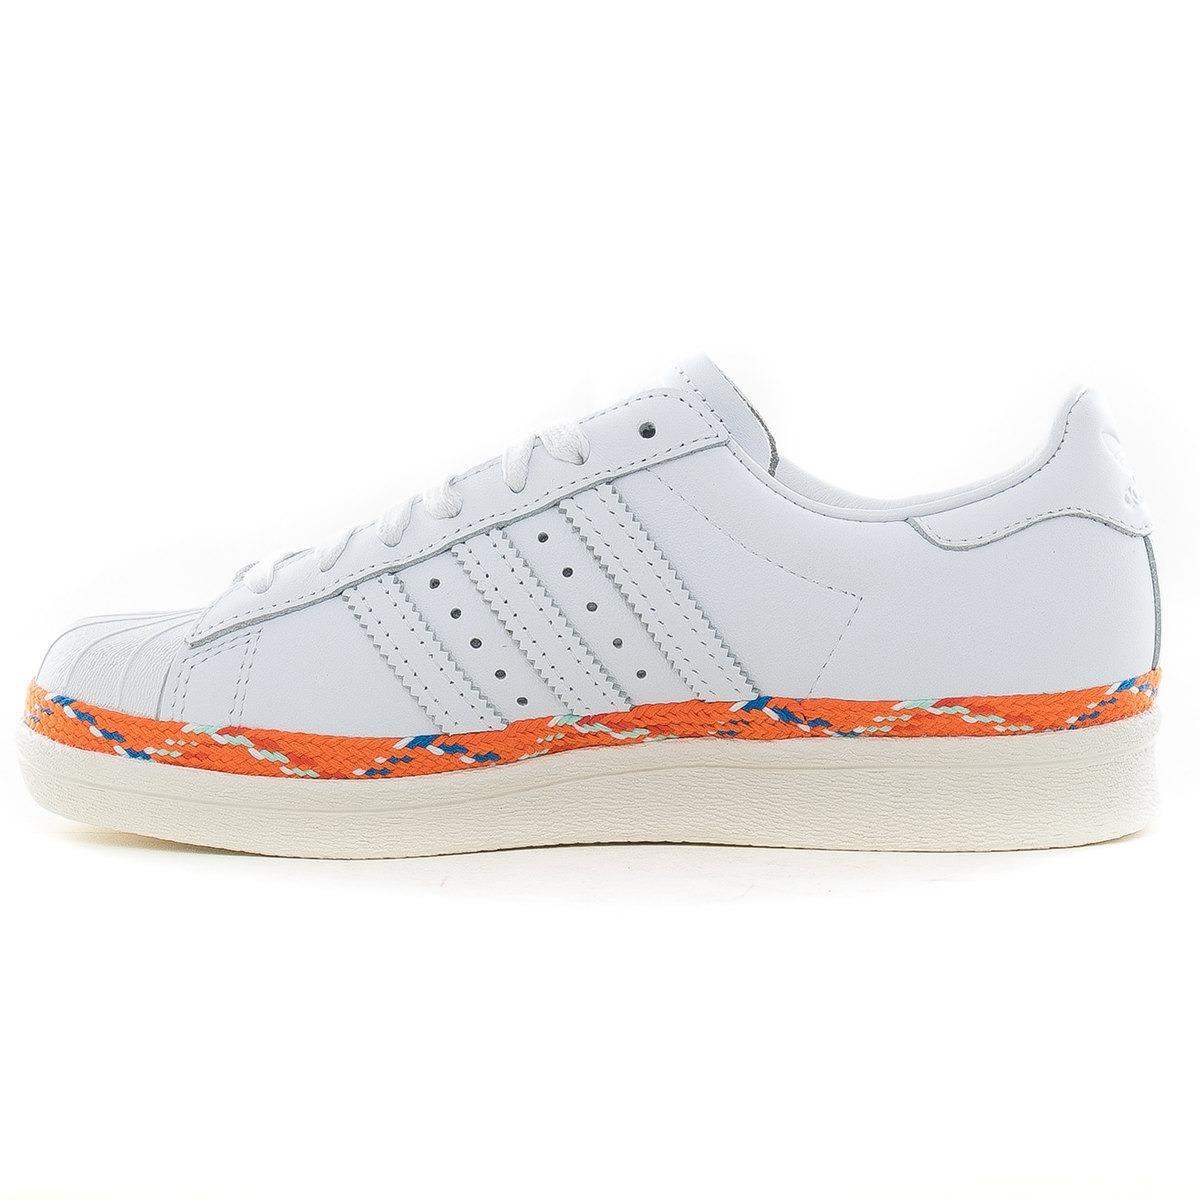 Nuevos Adidas Originals Superstar 80s Zapatillas De Skate